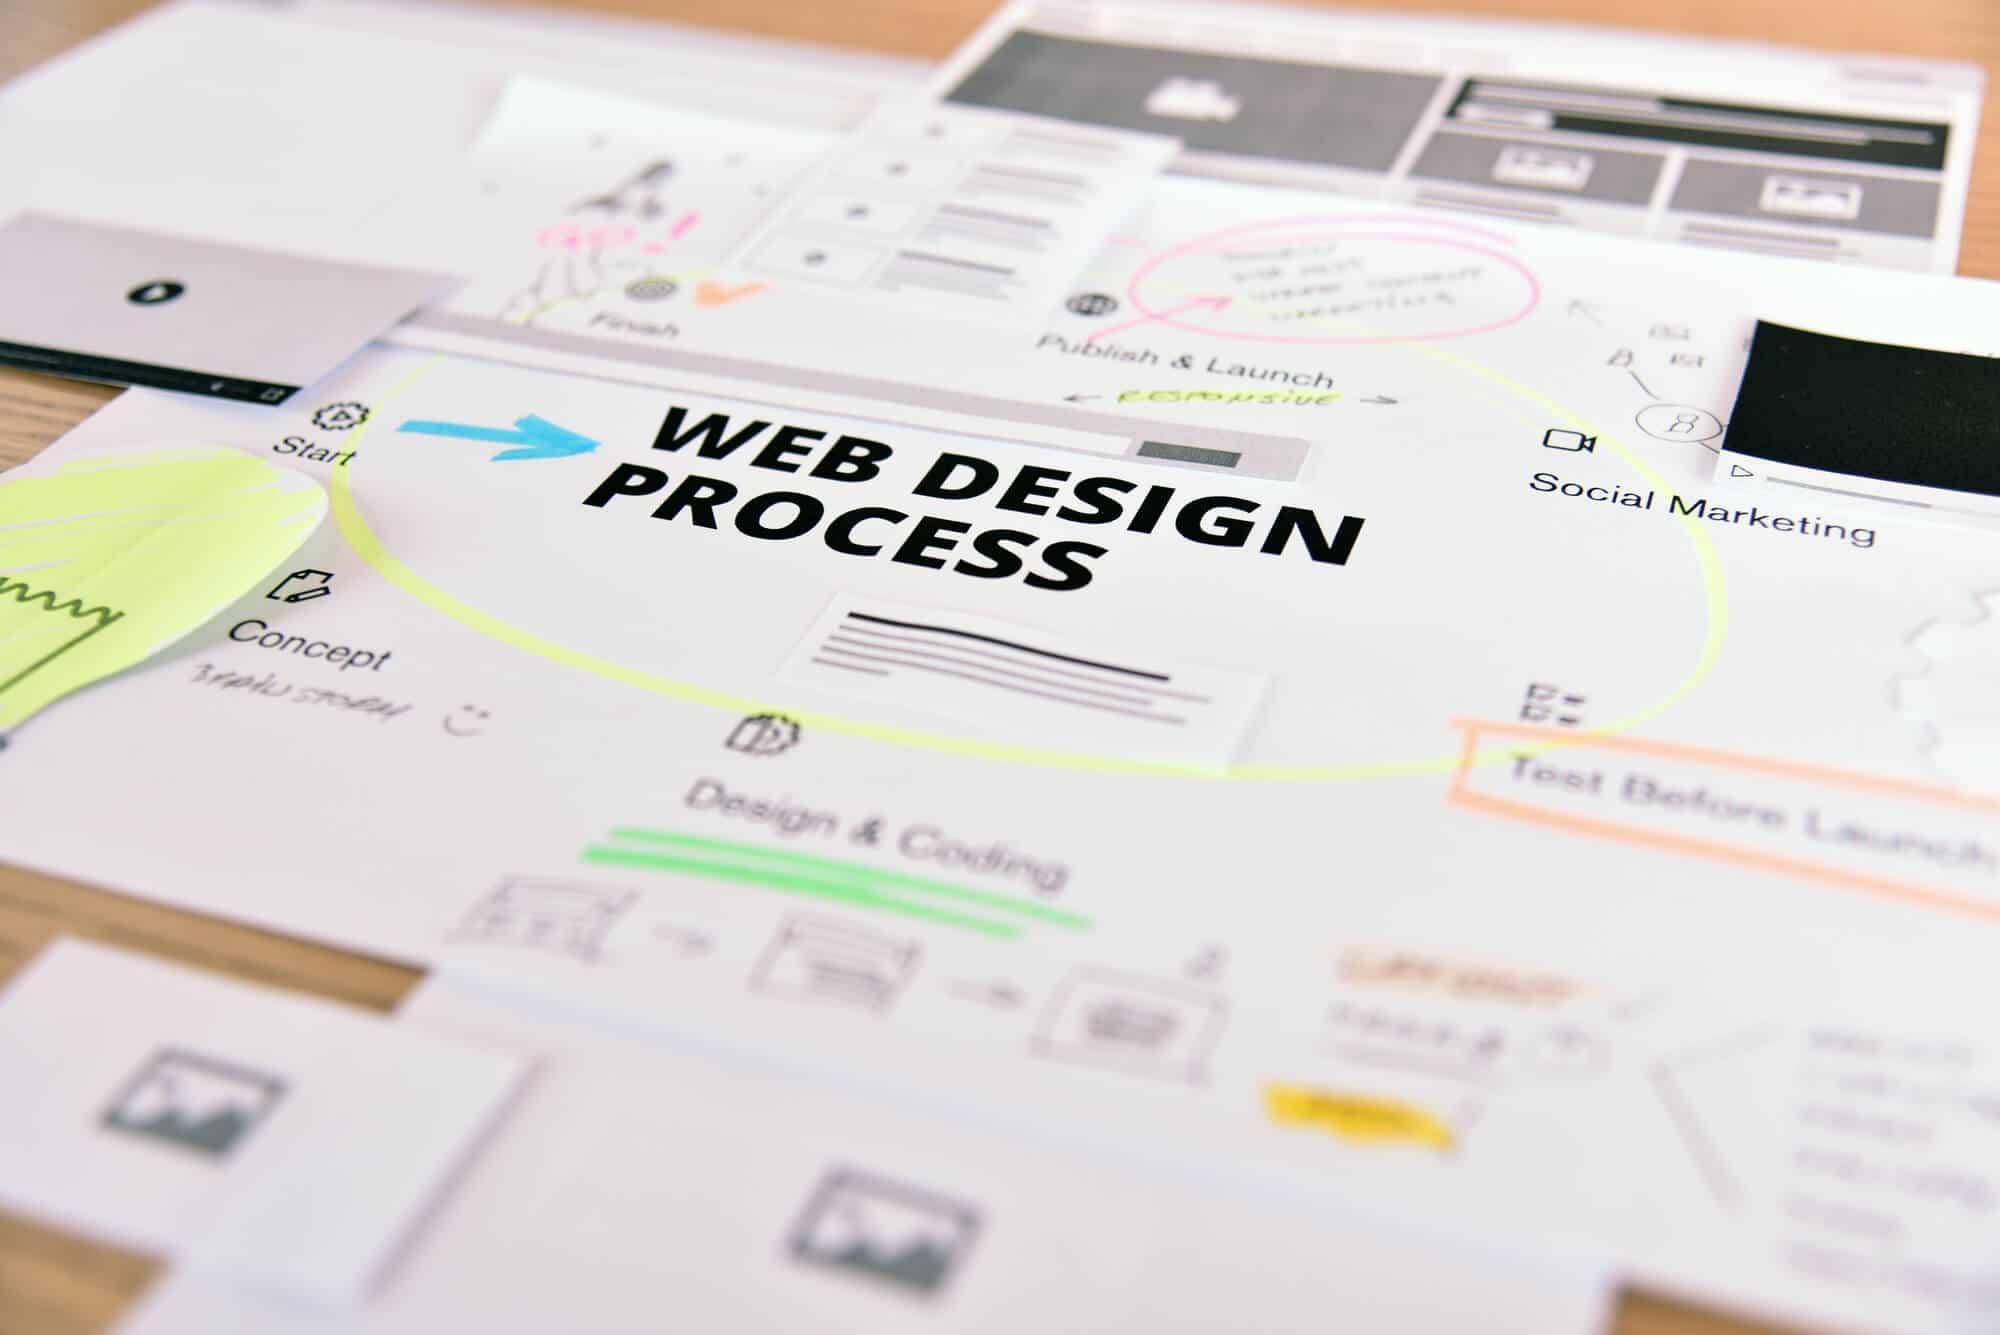 white label web design services - Big Easy SEO